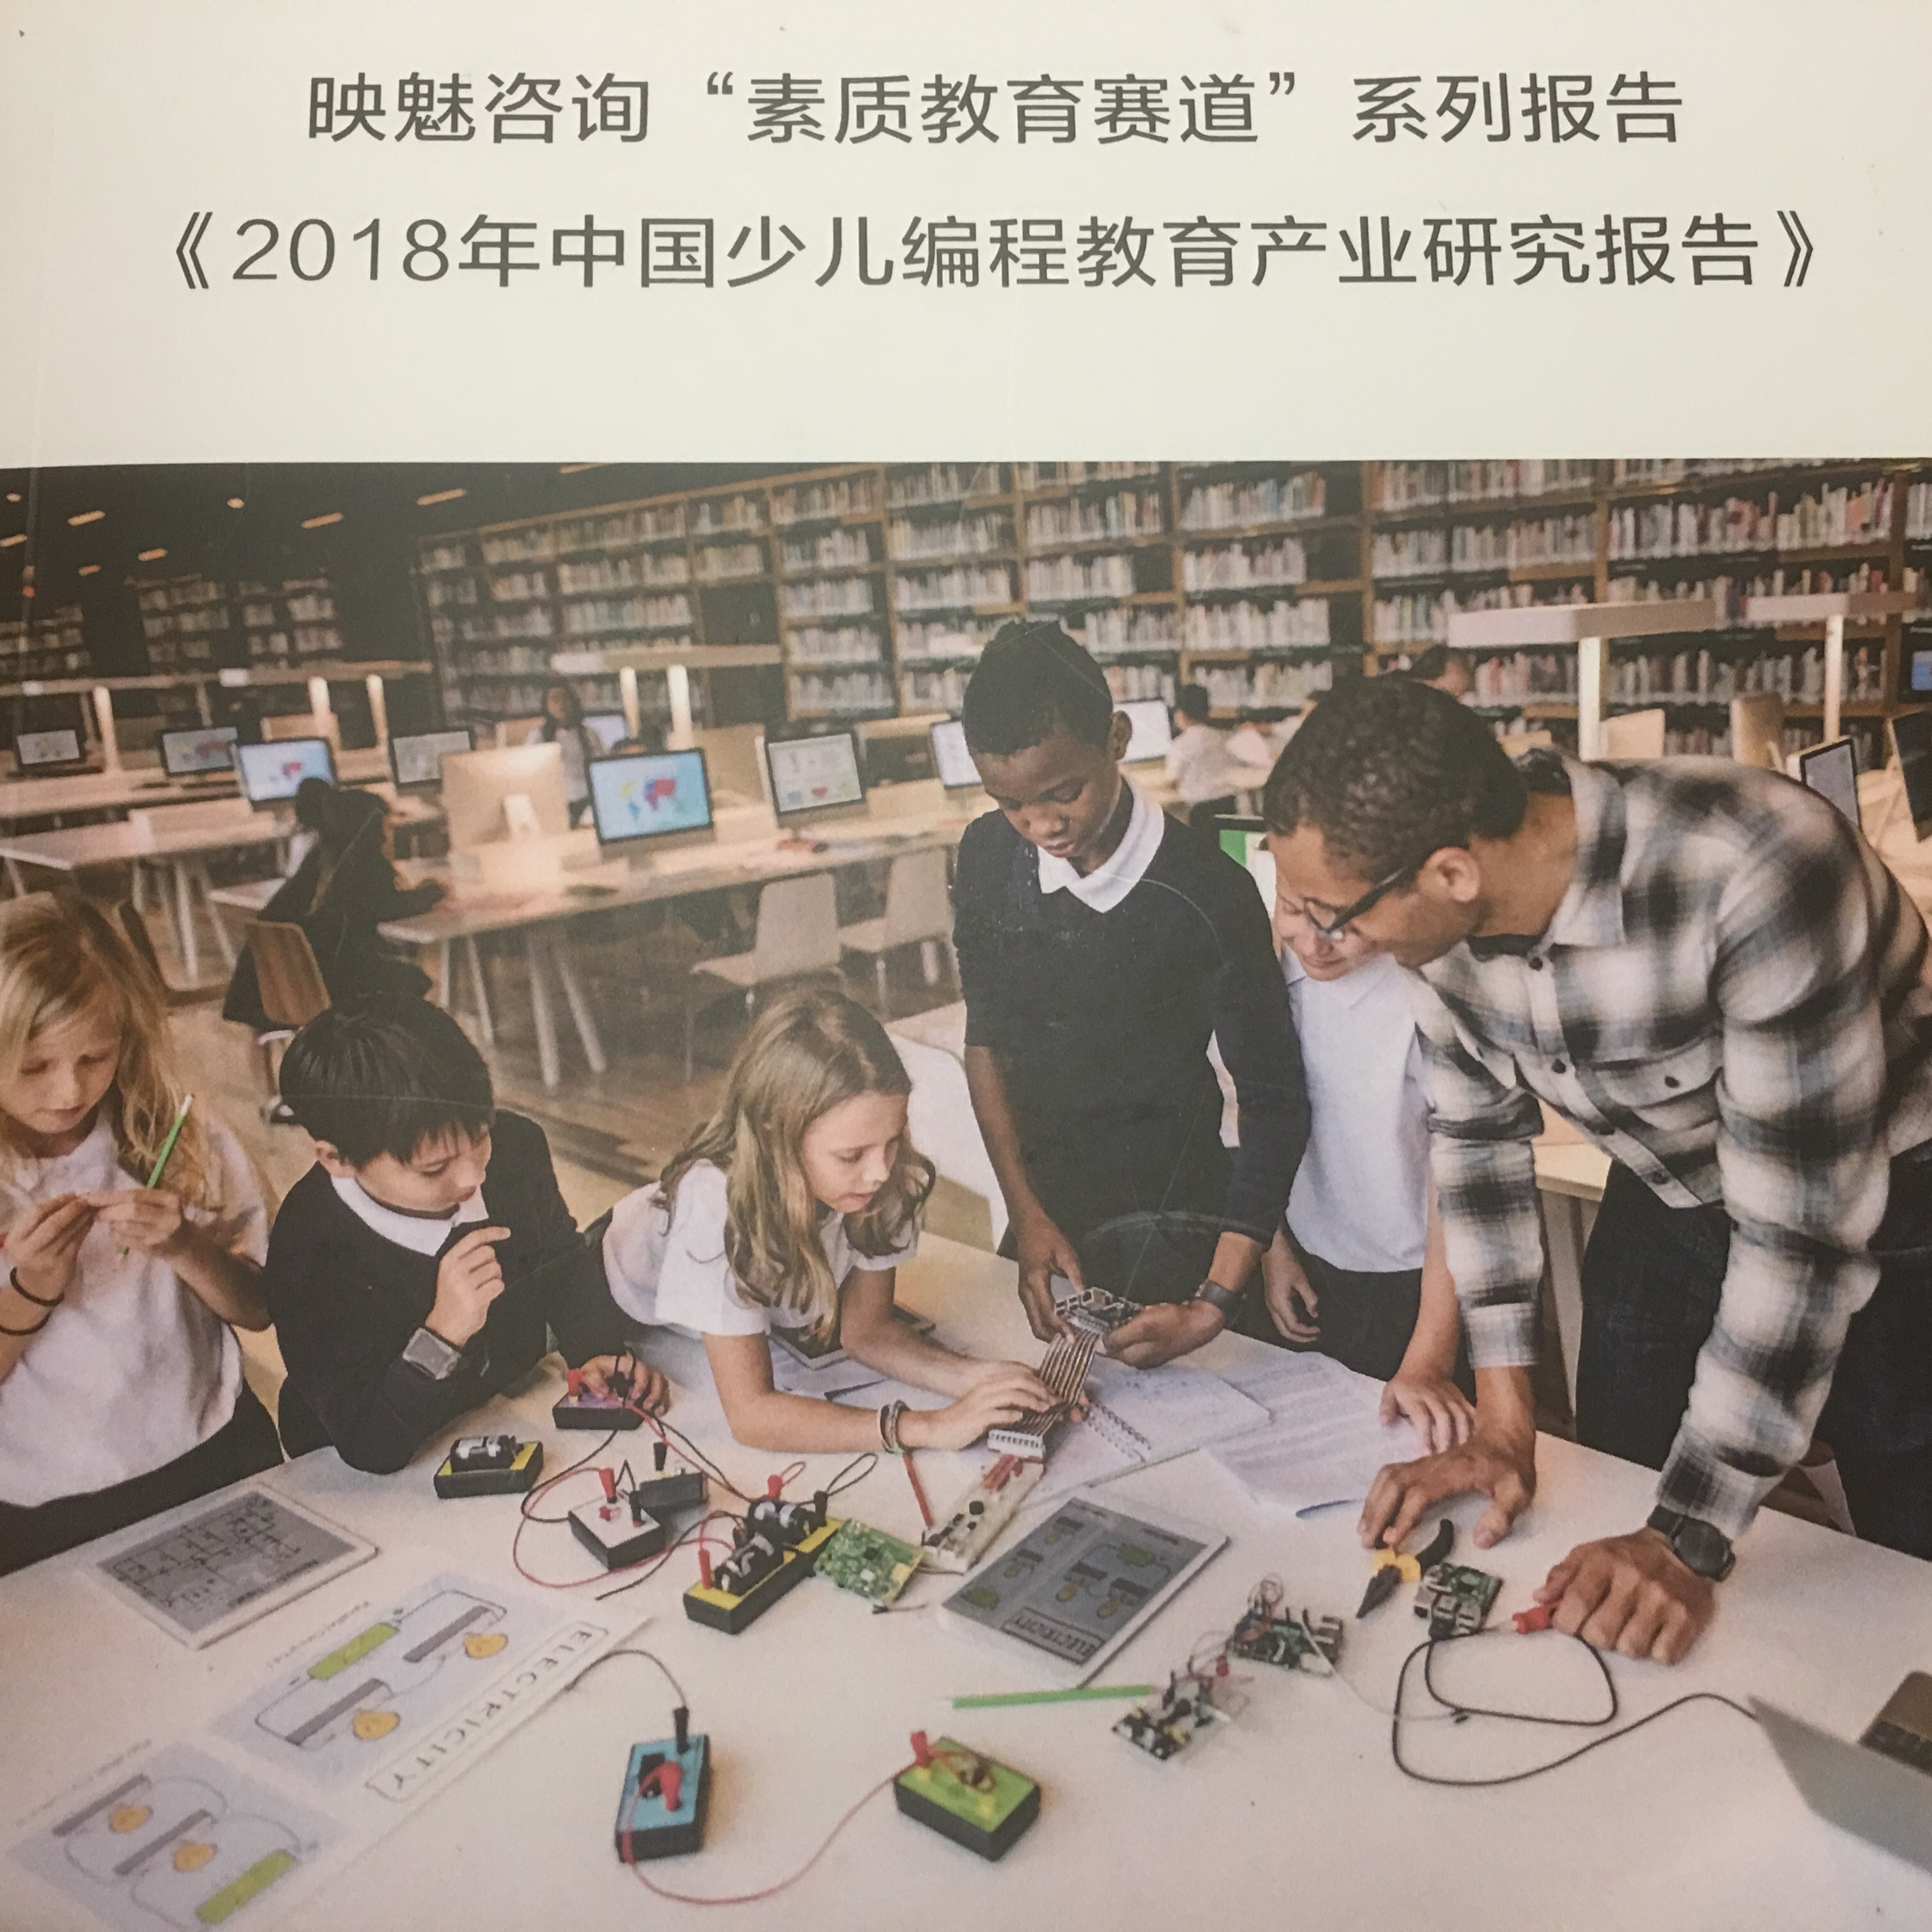 映魅咨询发布《2018年中国少儿编程教育产业研究报告》,远未到终极形态,少儿编程教育赛道依然值得高度关注